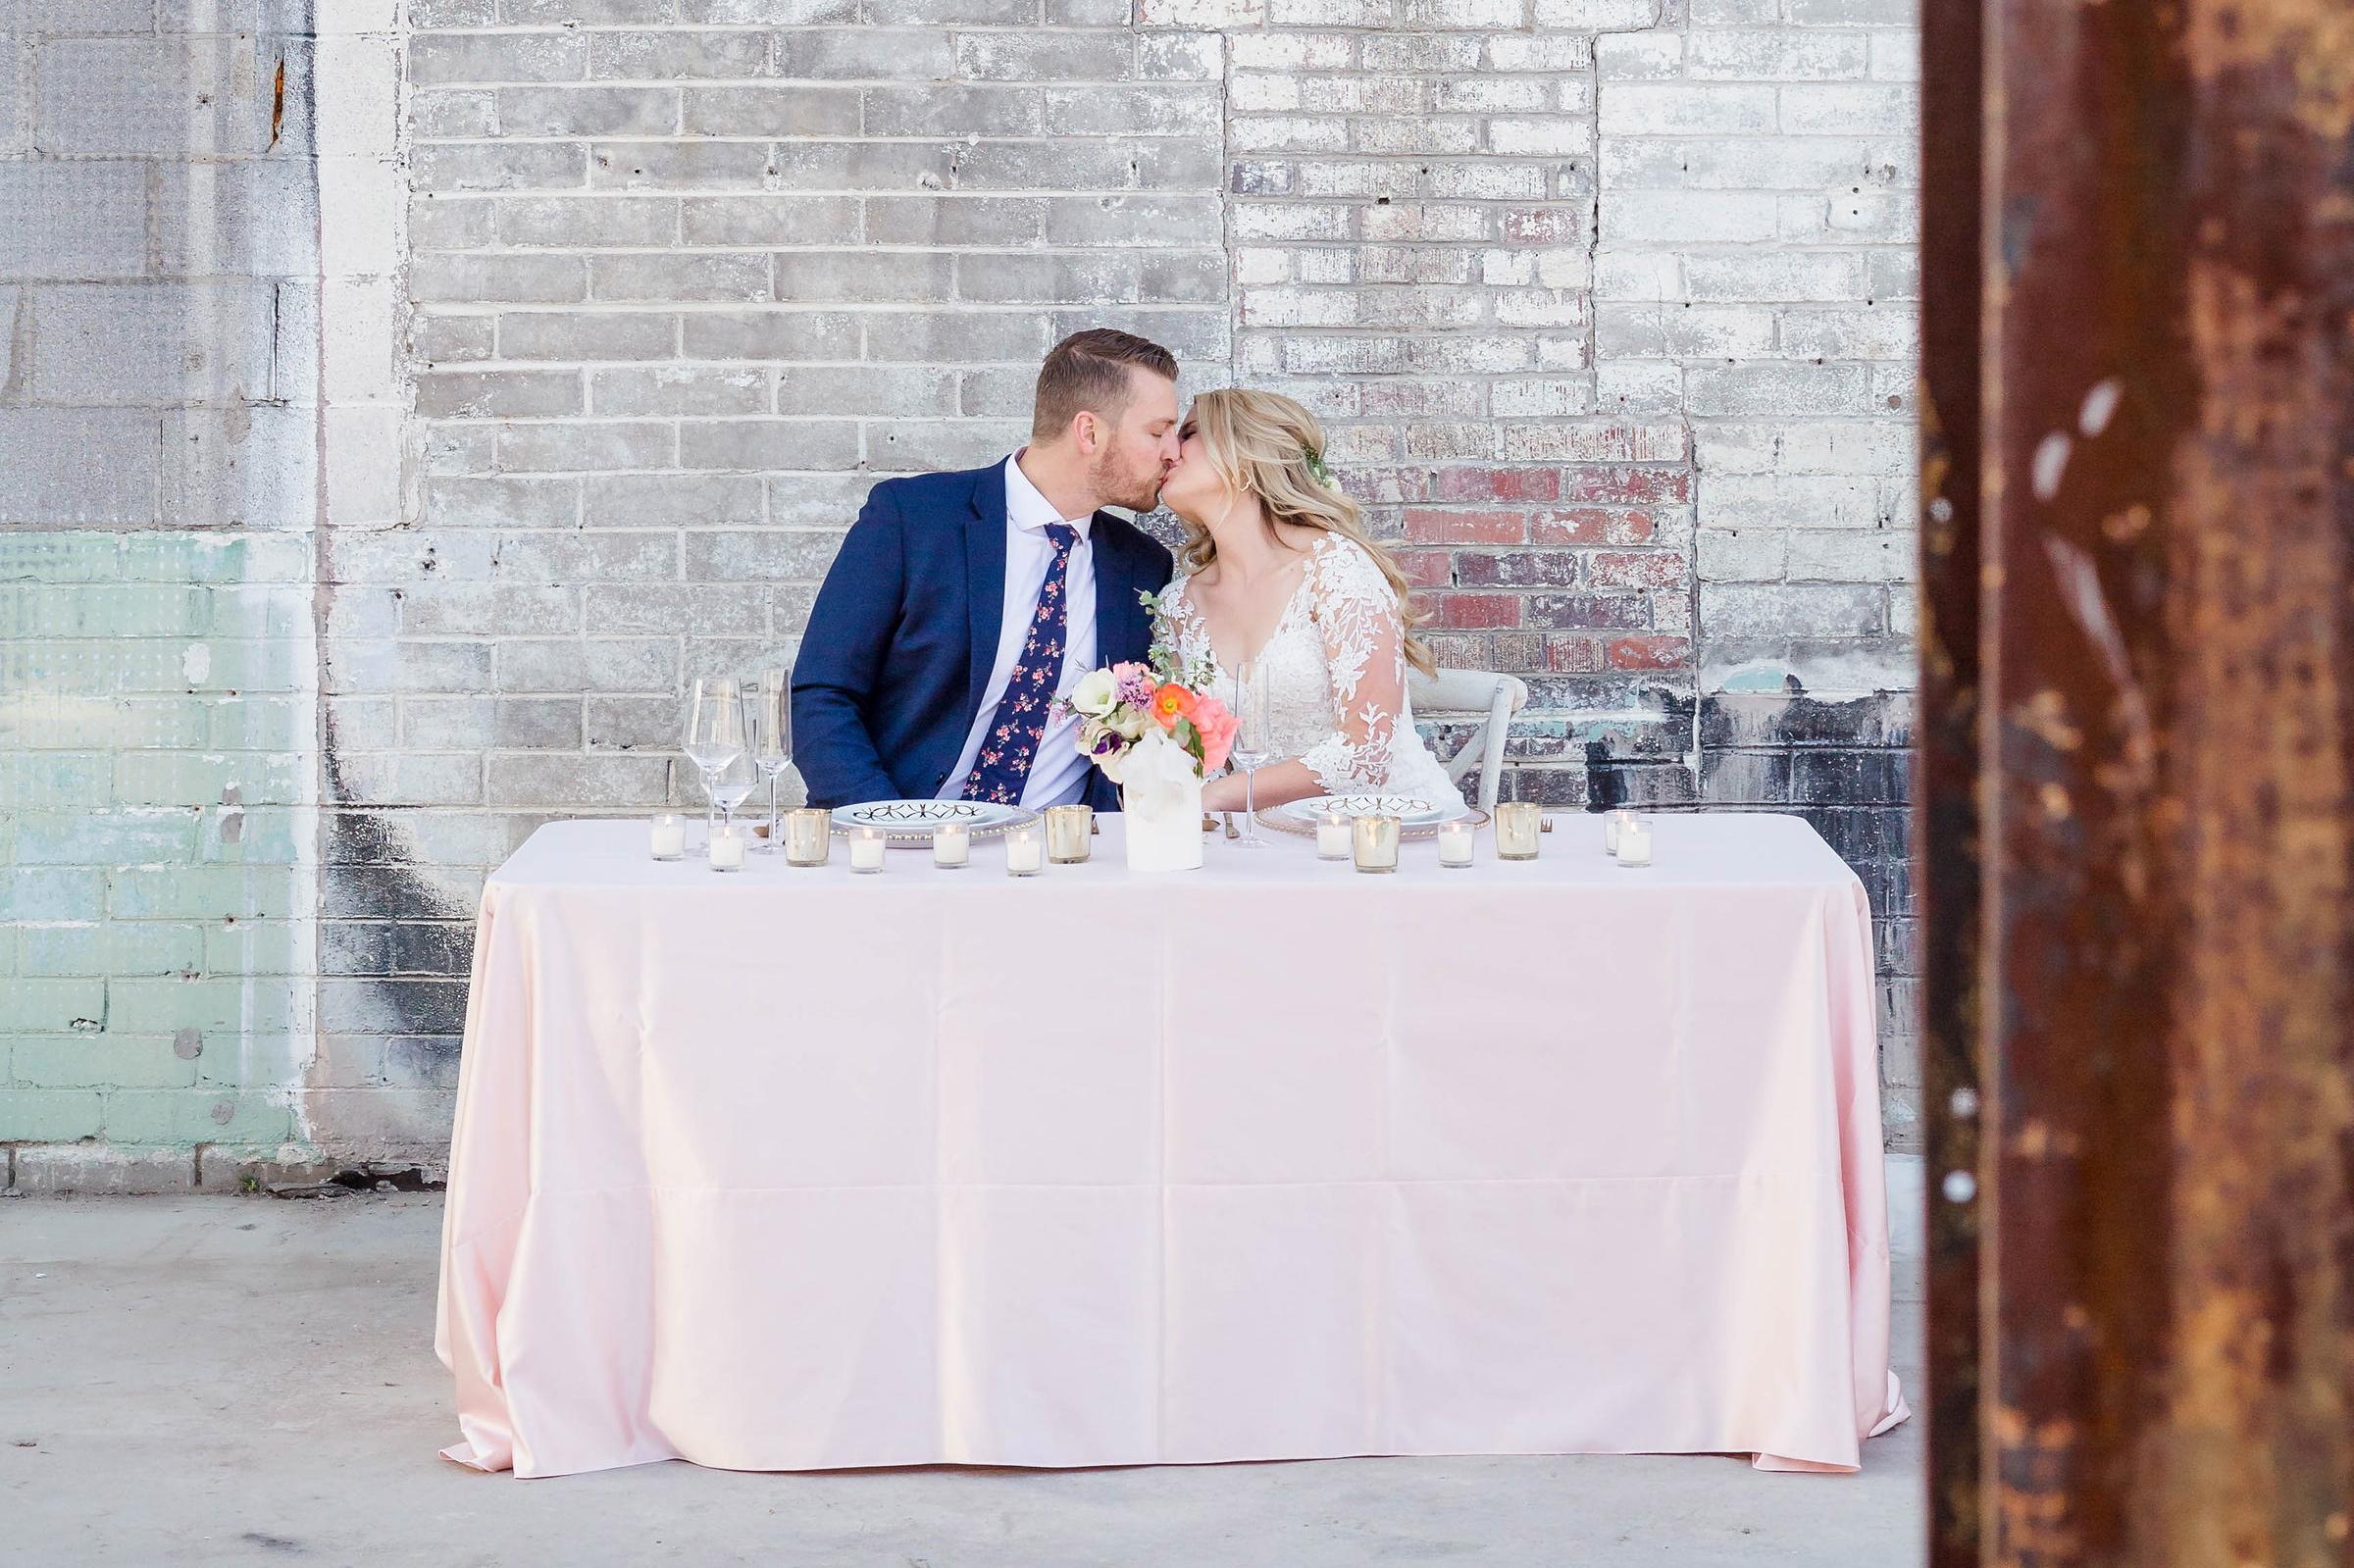 BeBoulderPhotography_WeddingPhotography-281.jpg